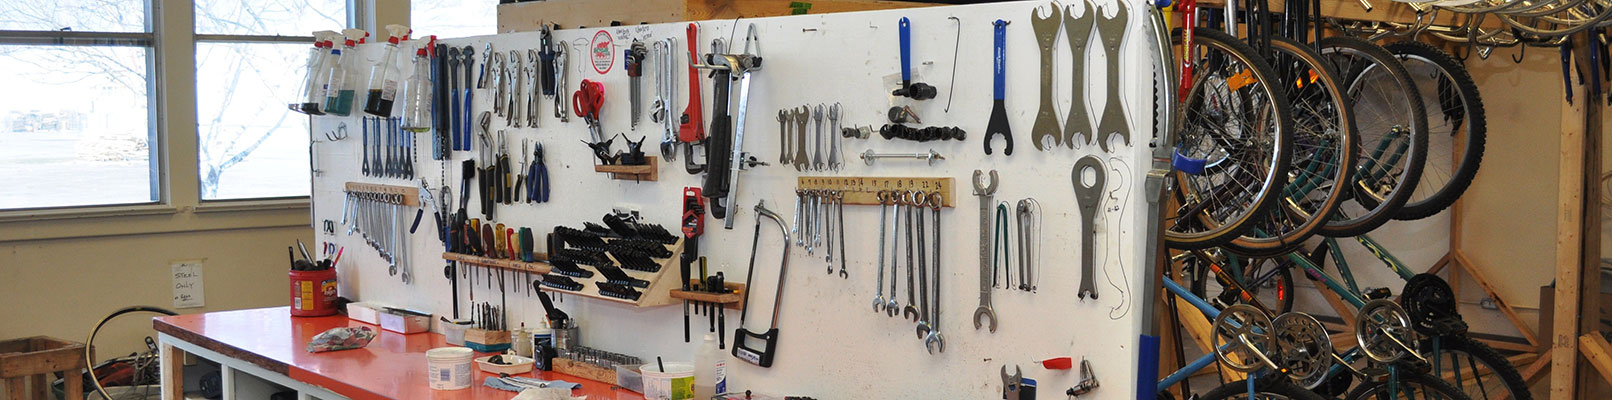 Photo-Bike-Shop-Cobourg-DSC_0332.jpg